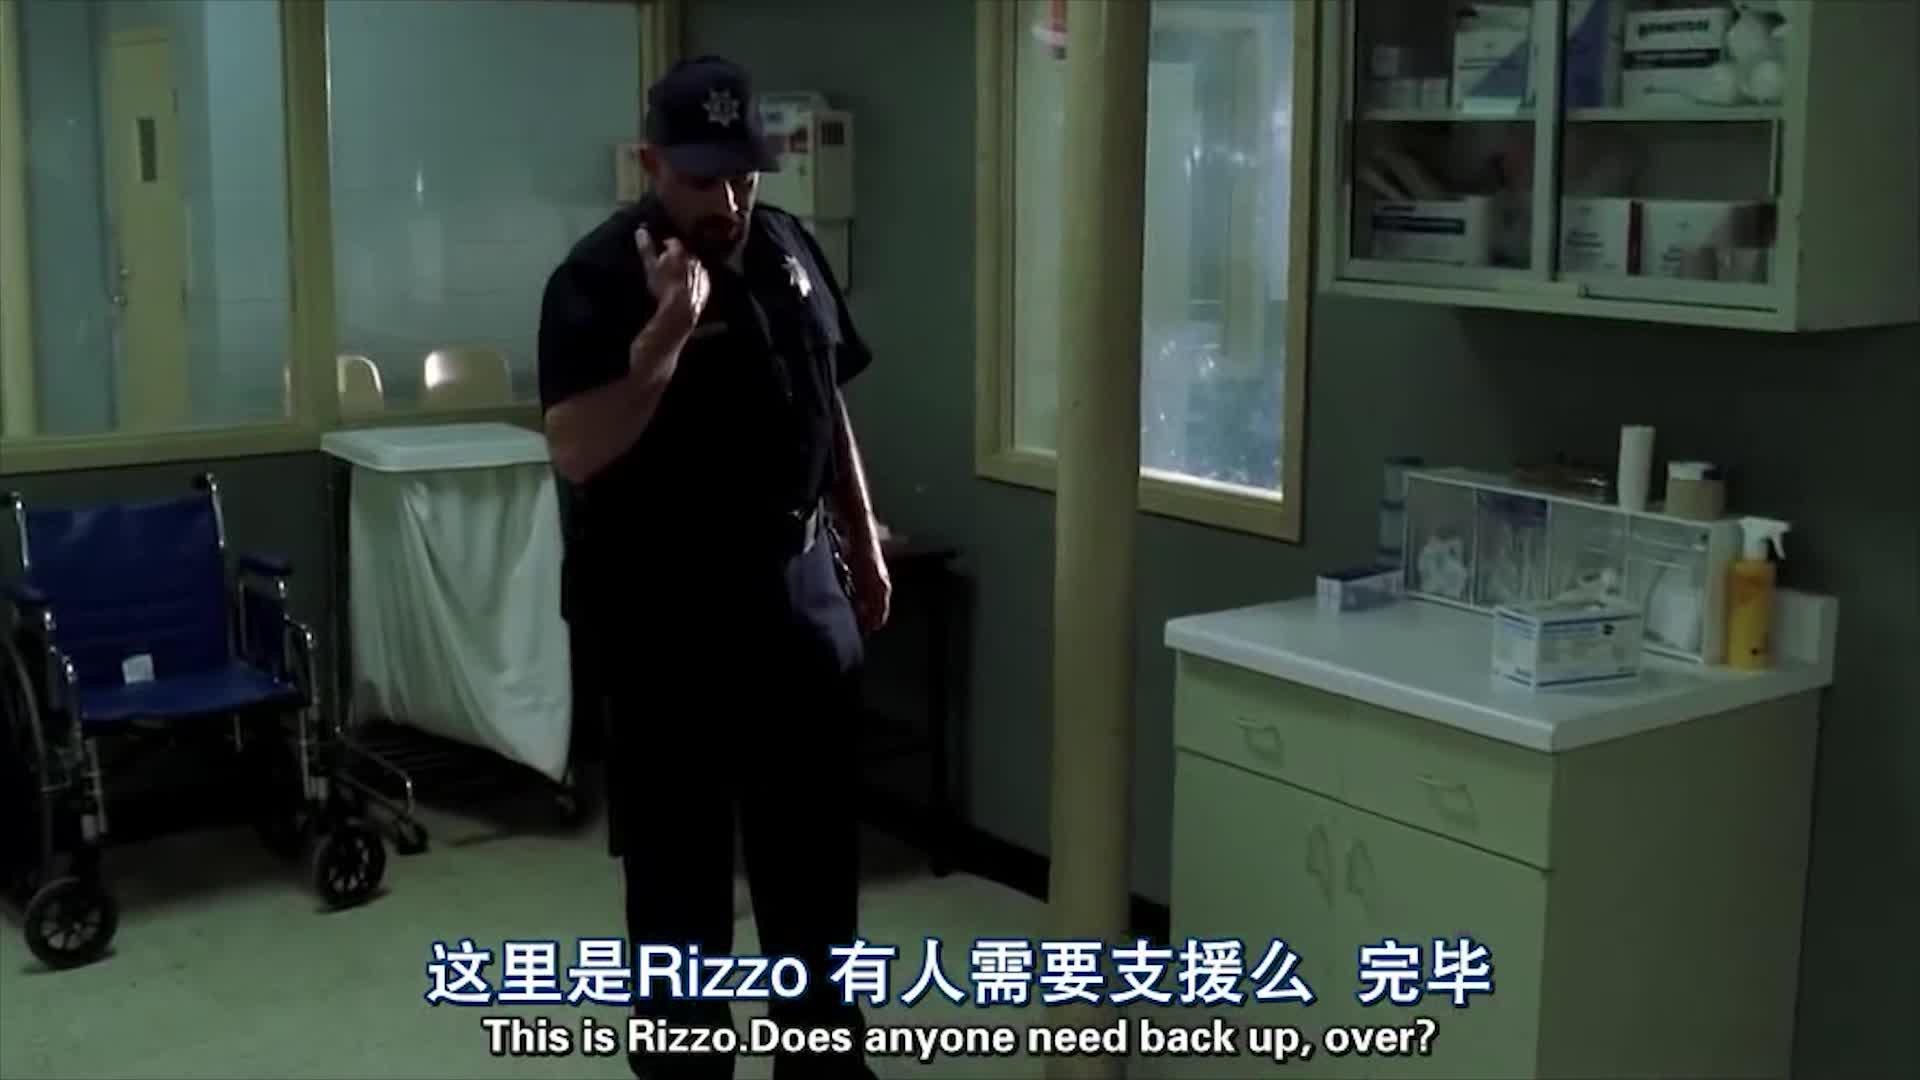 监狱发生暴动,女医生竟然也在暴动区,她面临的是什么?